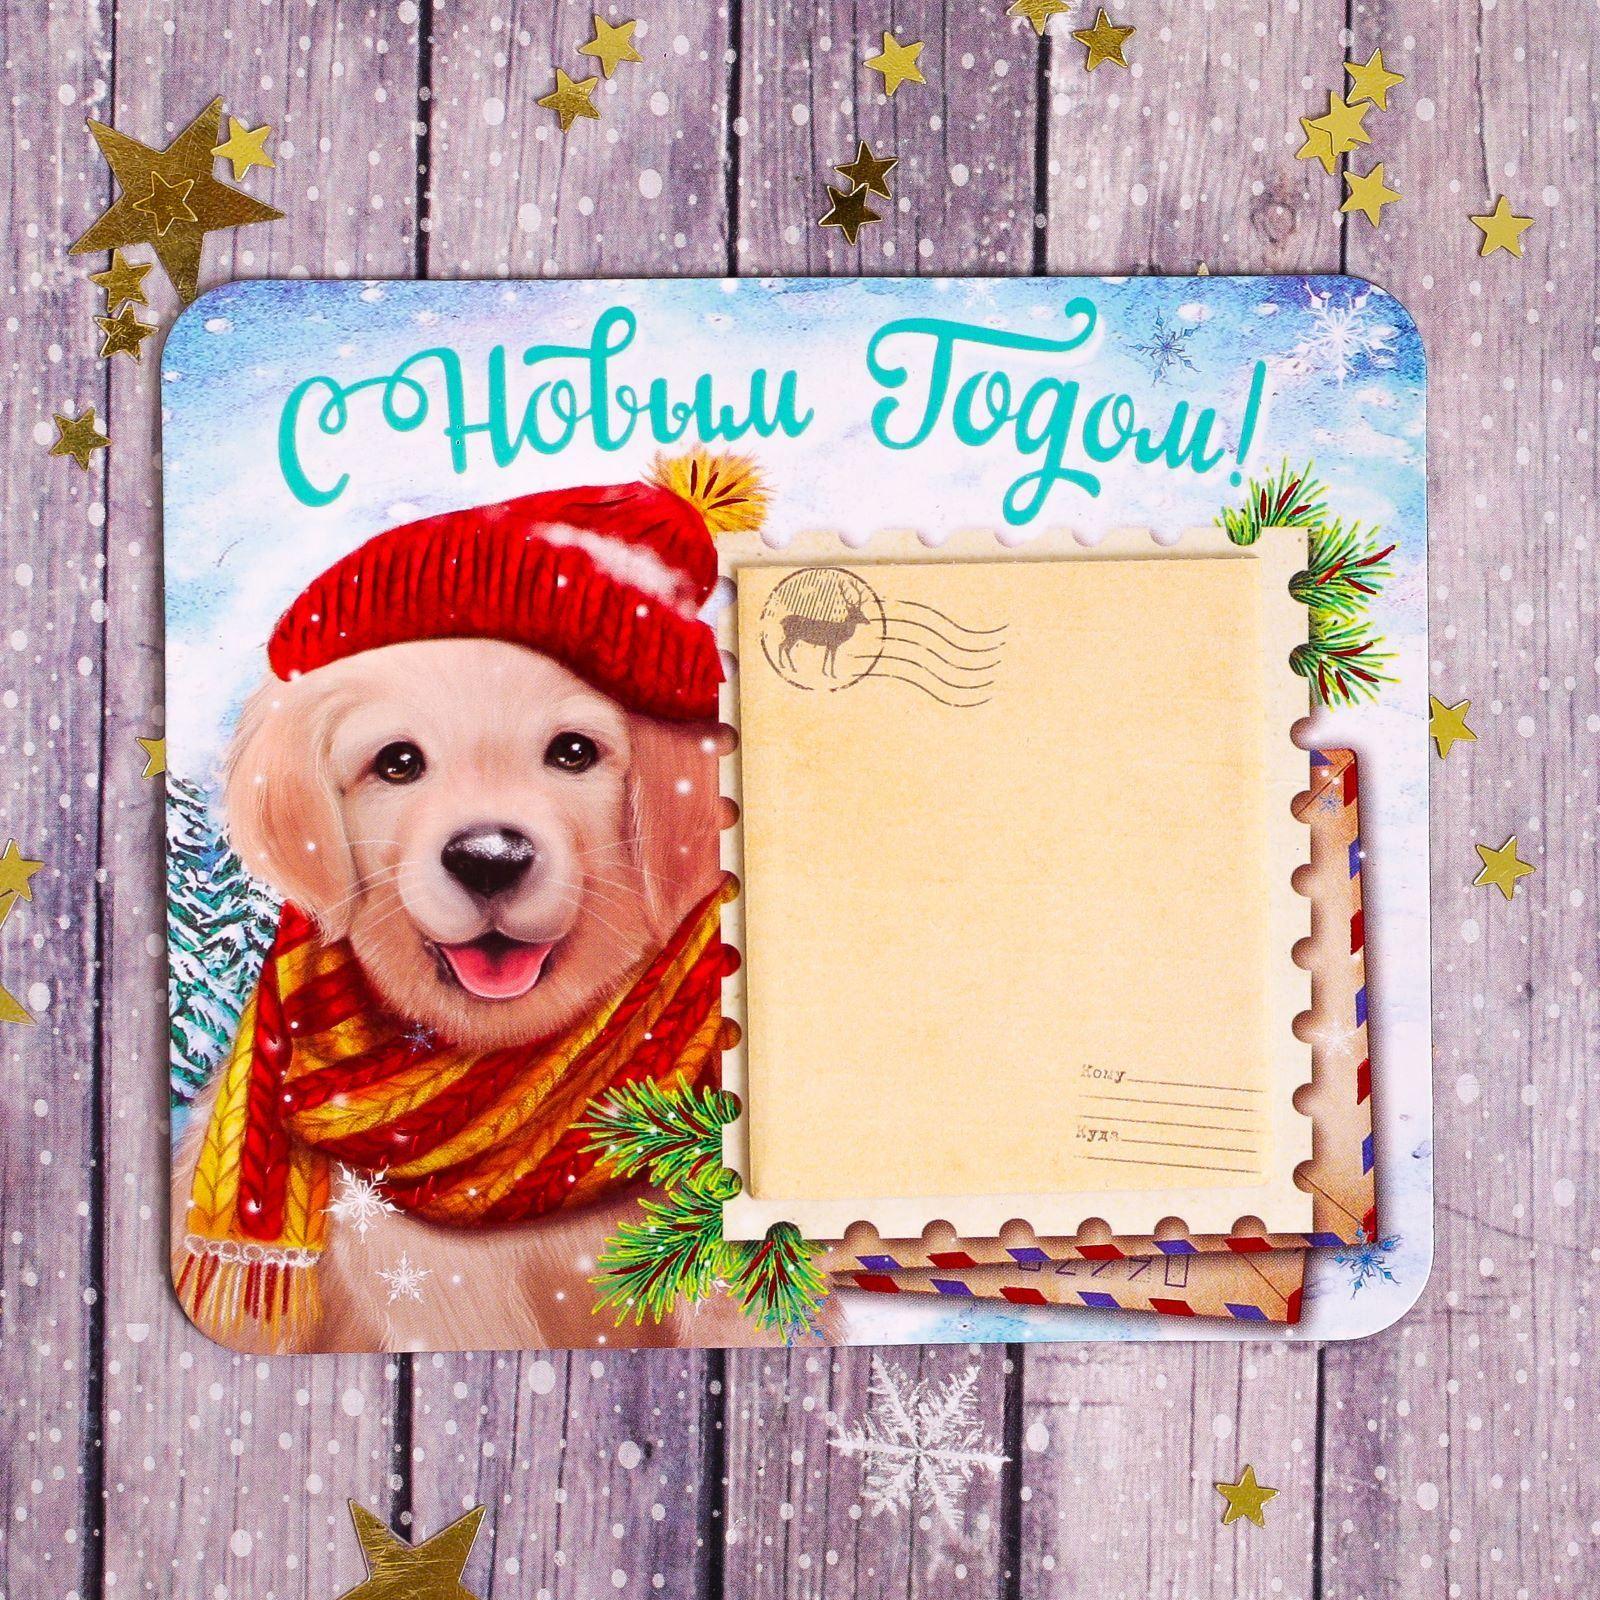 Магнит Sima-land С Новым годом, с блоком для записей, 11 х 9,3 см2252413Порадуйте родных и близких оригинальным сувениром: преподнесите в подарок магнит Sima-land С Новым годом. С ним даже самый серьезный человек почувствует себя ребенком, ожидающим чудо!Создайте праздничное настроение, и оно останется с вами на весь год.Размер: 11 х 9,3 см.